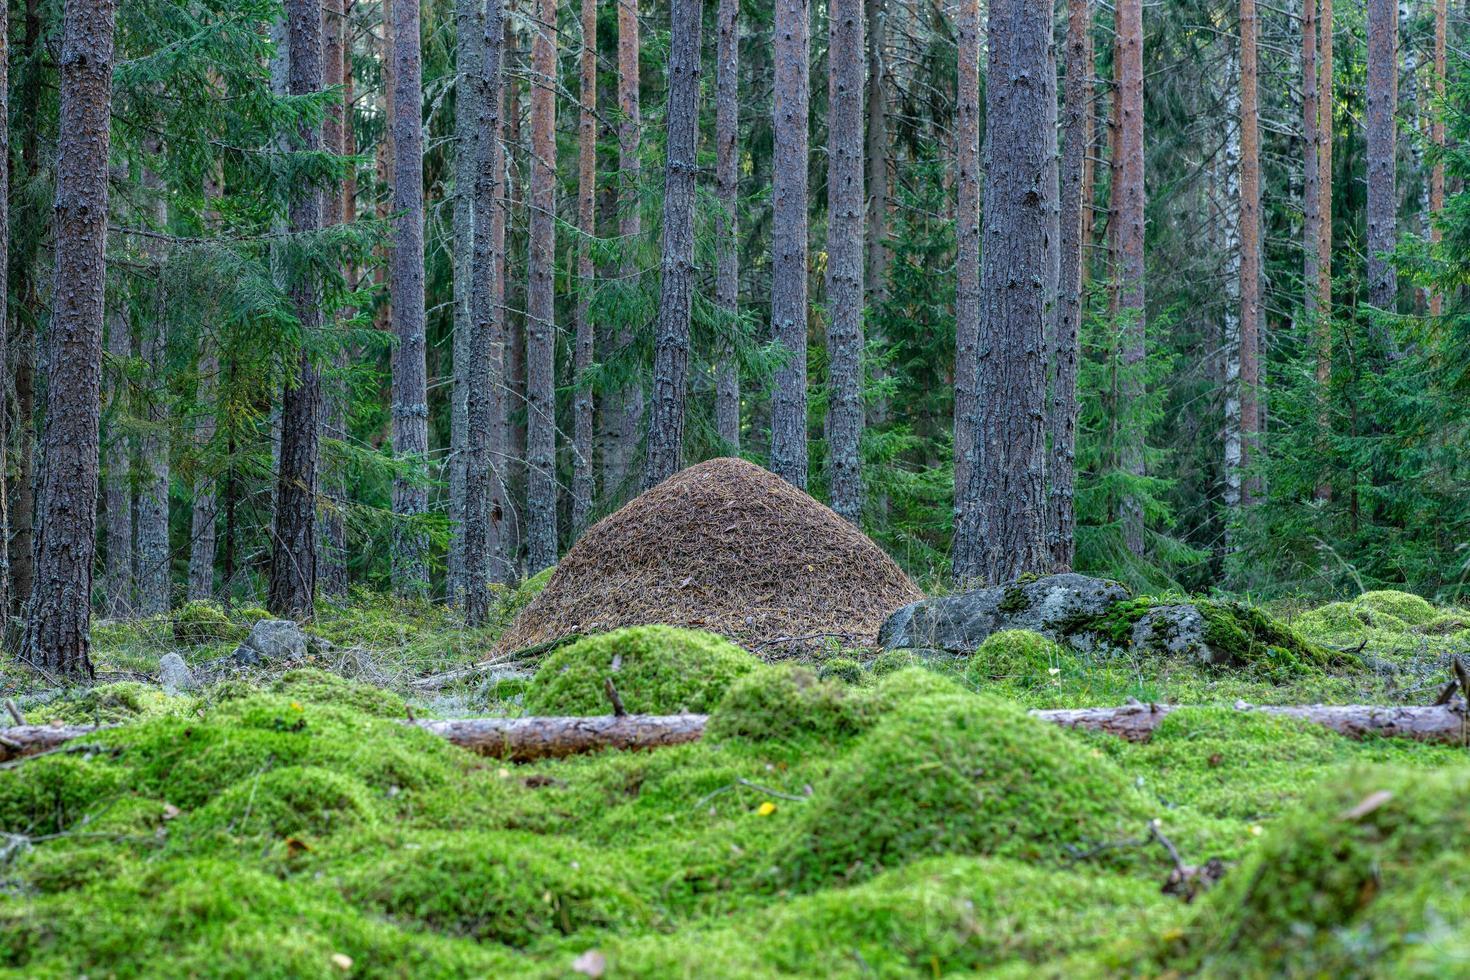 grande formicaio in mezzo a un bosco di pini e abeti foto